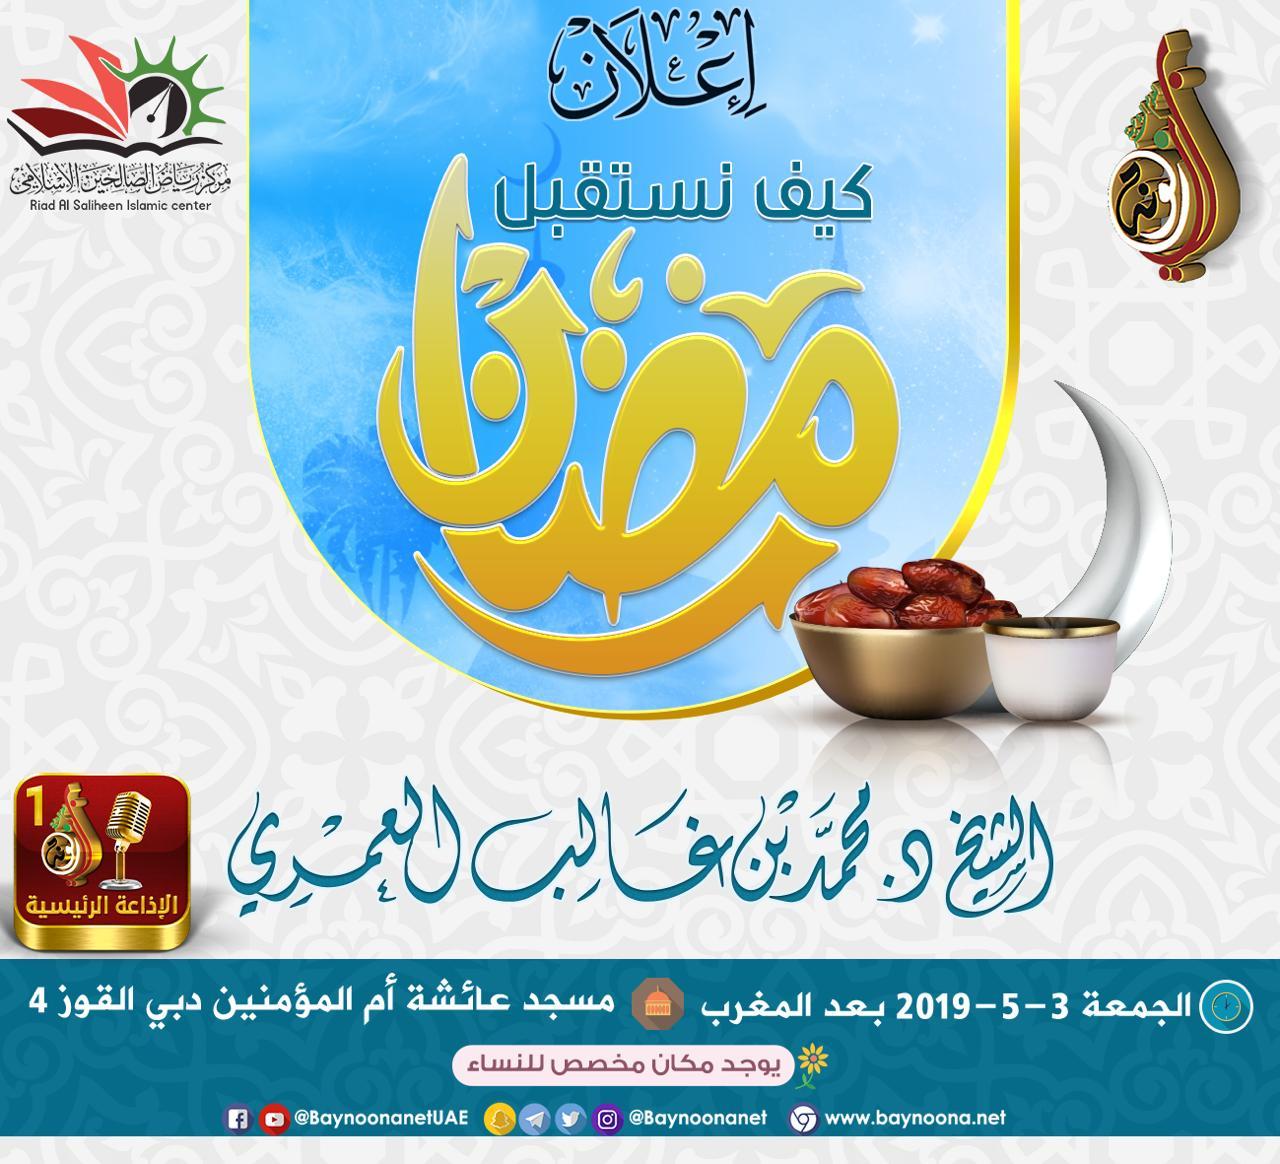 محاضرة بعنوان كيف نستقبل رمضان شبكة بينونة للعلوم الشرعية